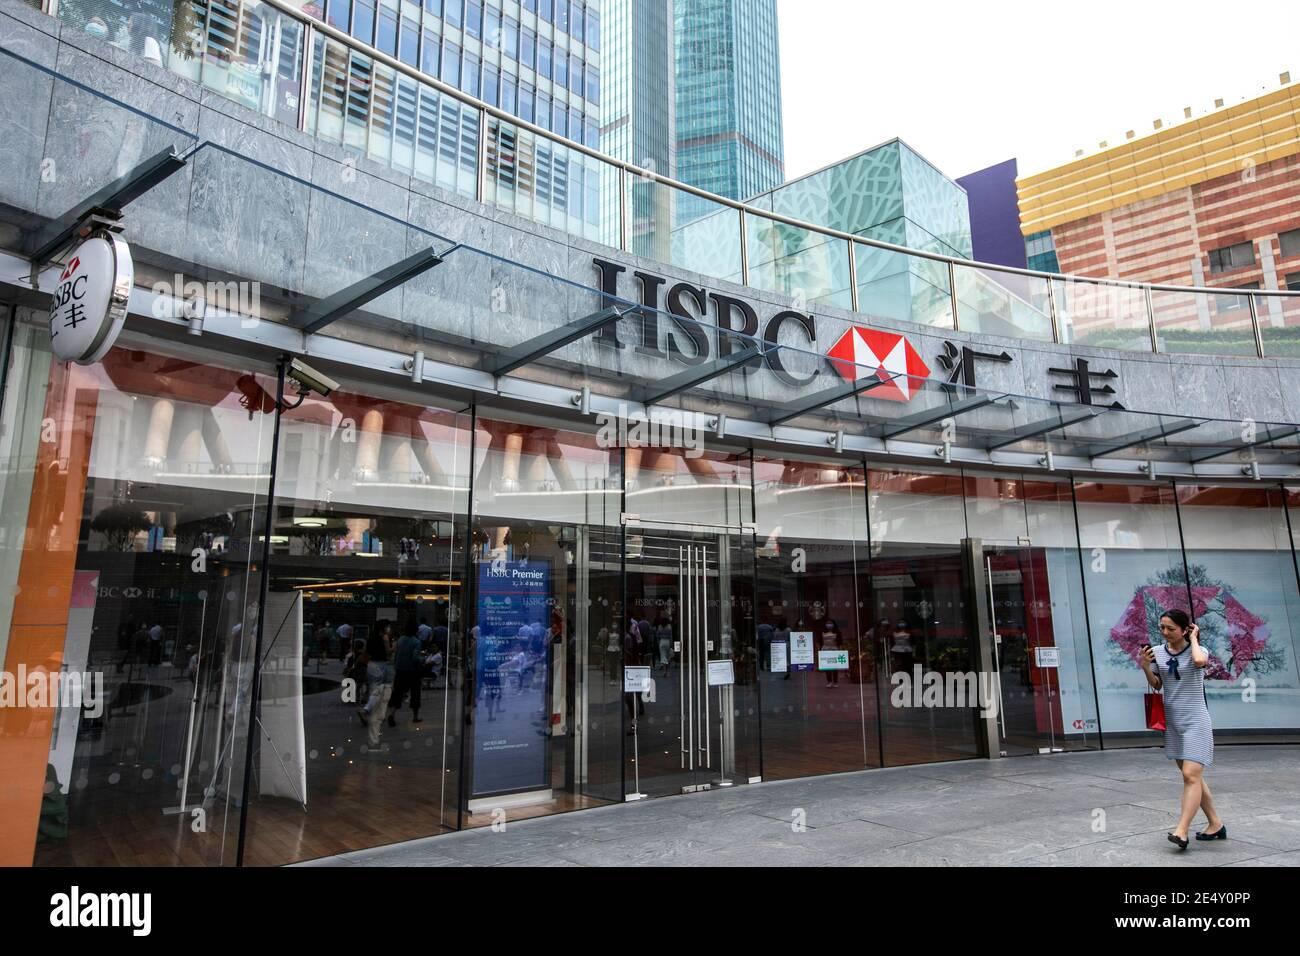 --FILE--el logo de HSBC, un banco multinacional de inversión y holding de servicios financieros británico, se ve en una de sus sucursales en Shanghia, Foto de stock